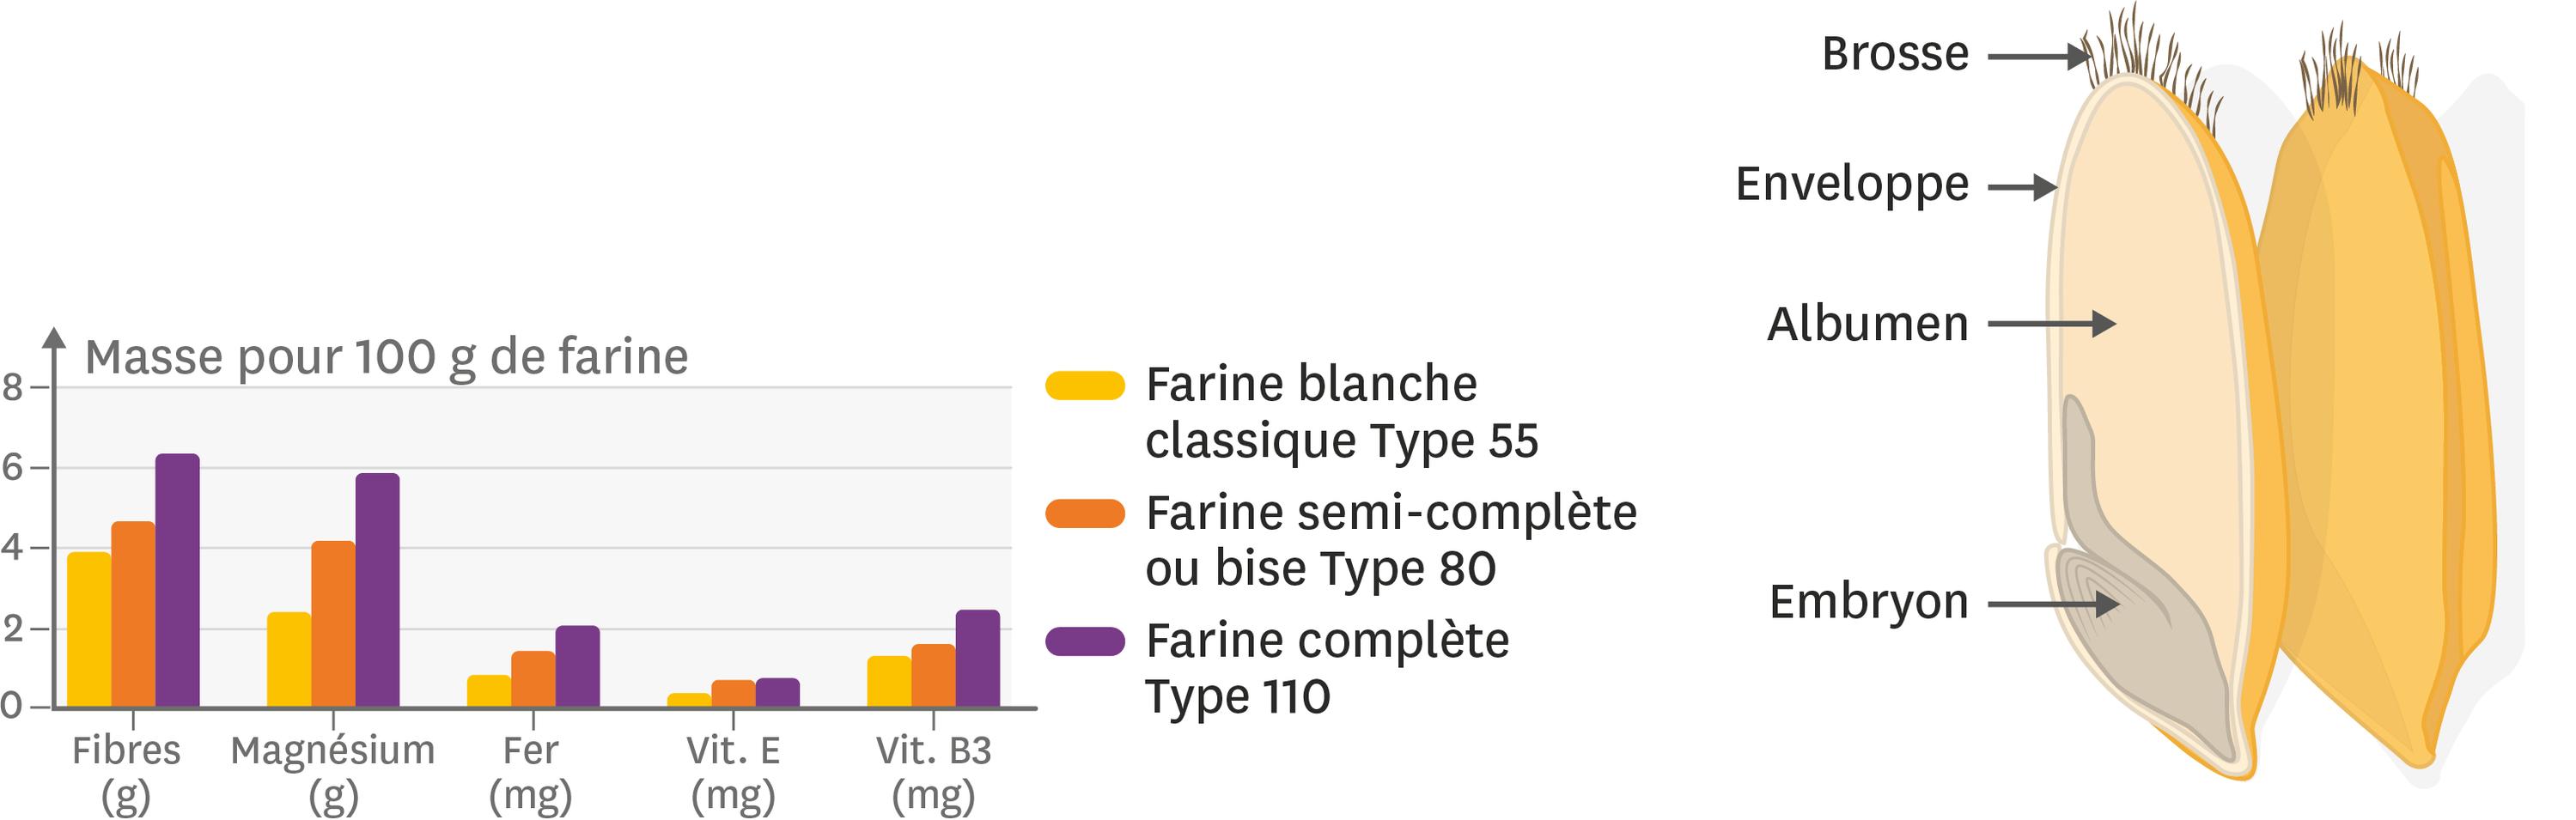 Teneur en fibres, vitamines et minéraux en fonction du type de farine et composition d'un grain de blé.